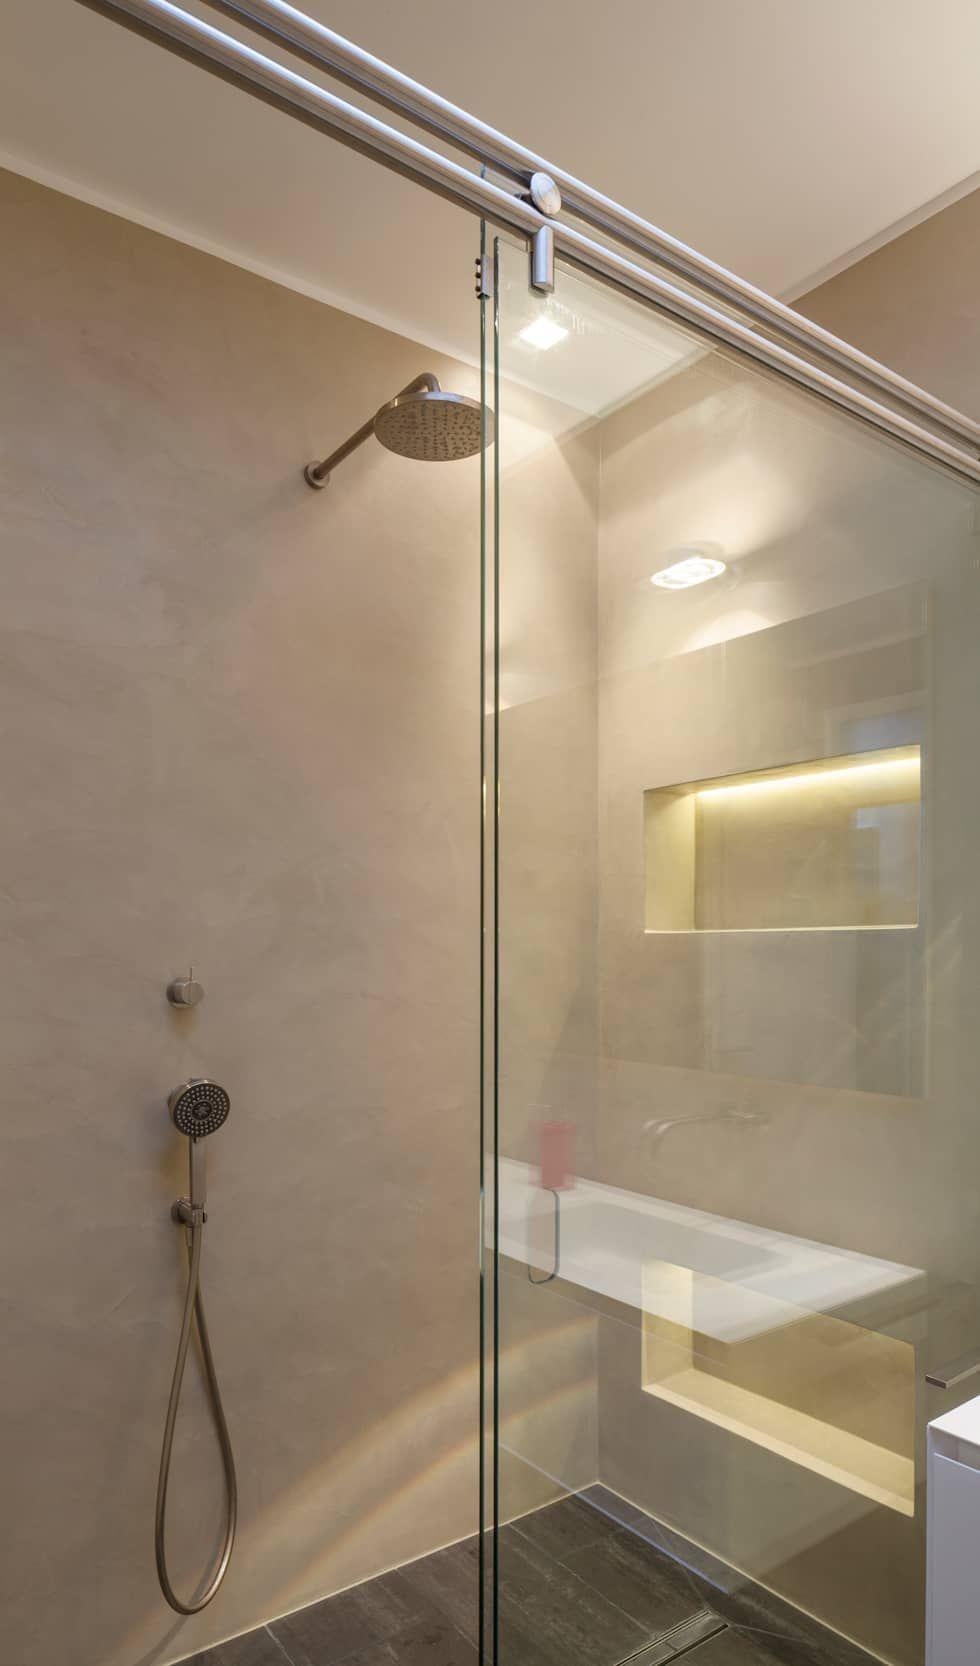 Fugenloses Bad Mit Beton Cire Moderne Badezimmer Von Einwandfrei Innovative Malerarbeiten Ohg Modern Fugenloses Bad Badezimmerideen Und Malerarbeiten